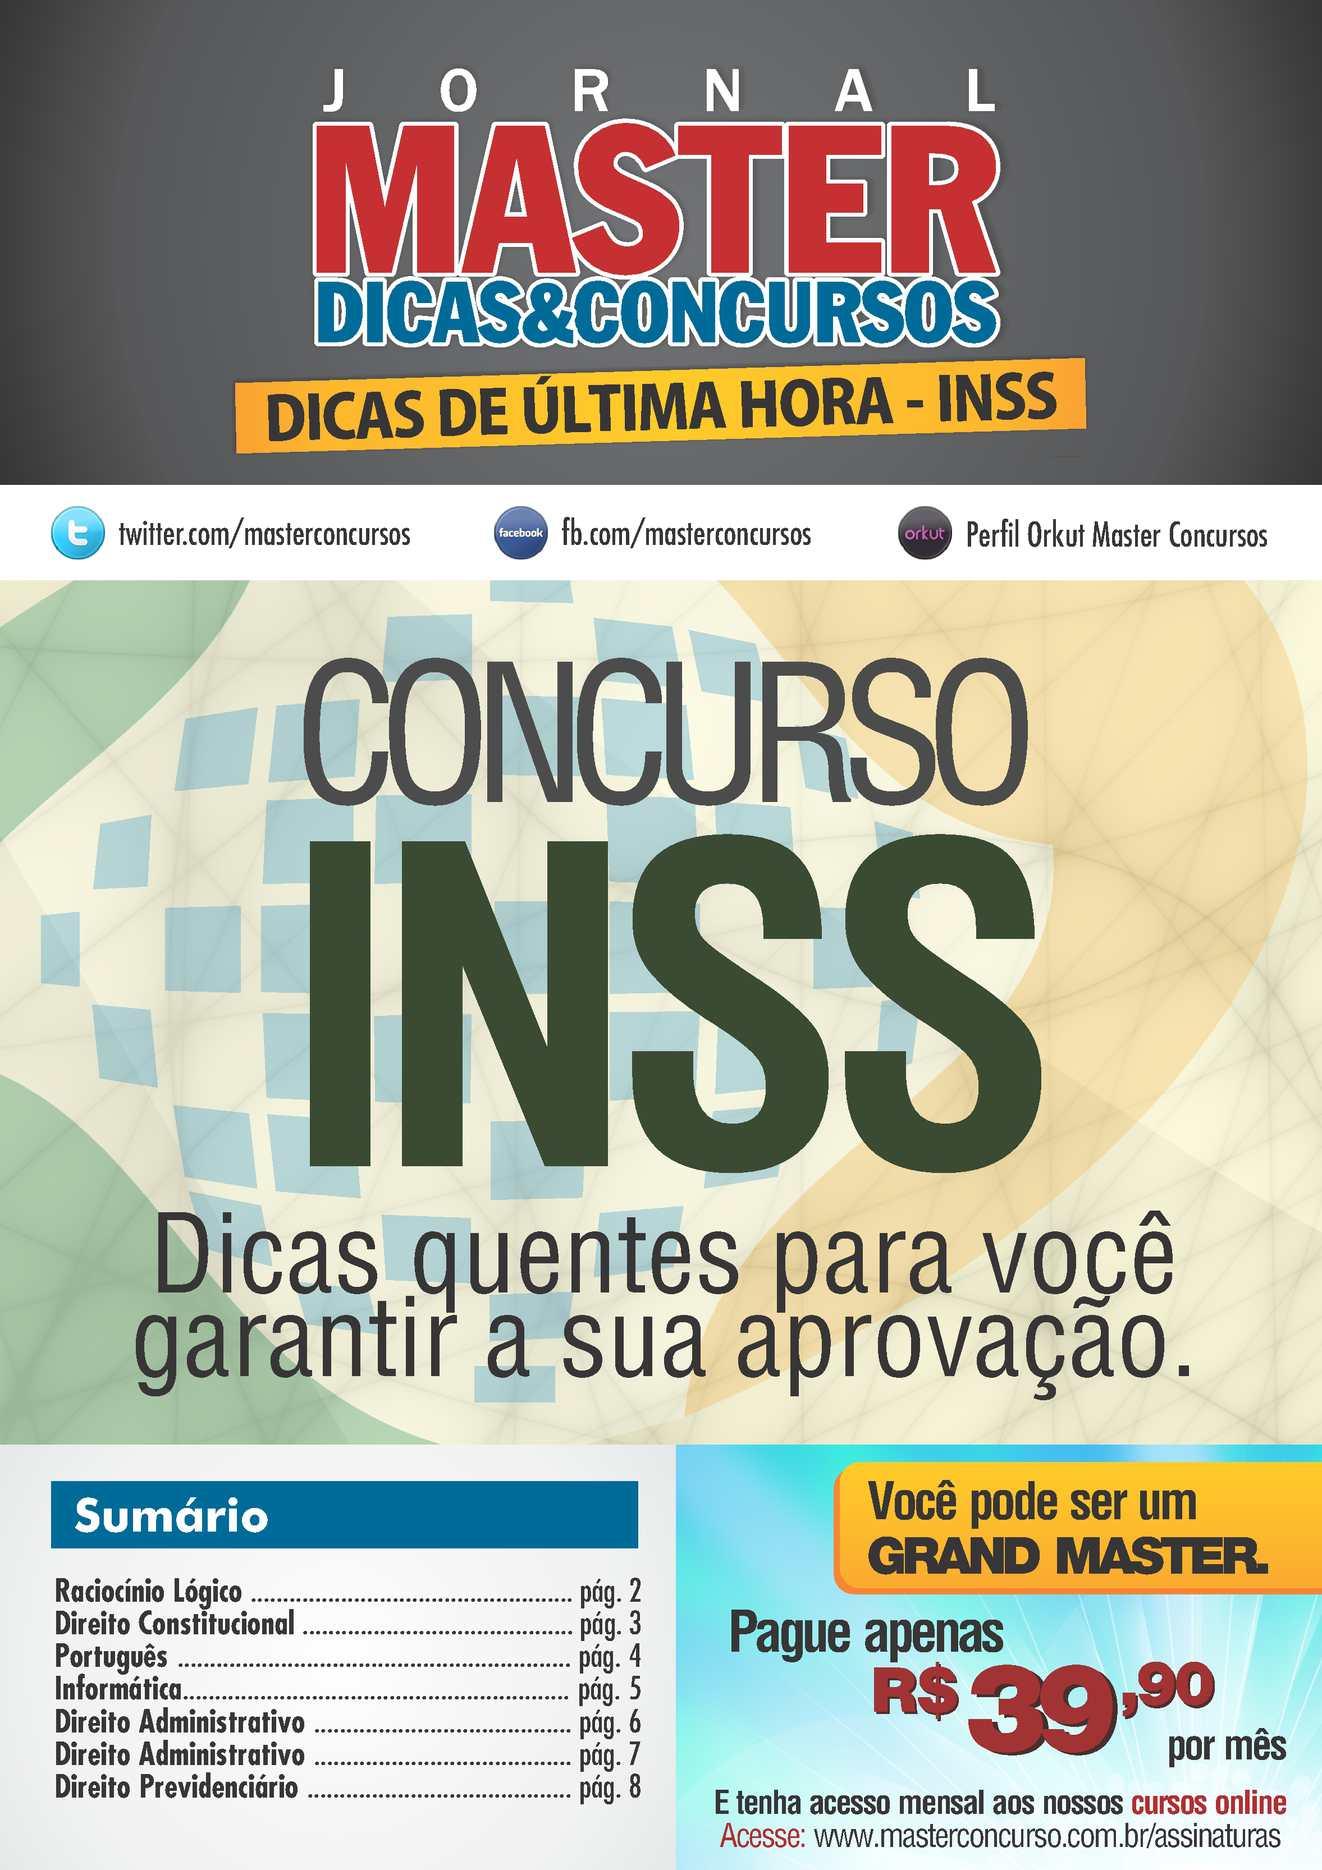 Dicas de Última Hora INSS - Master Concursos